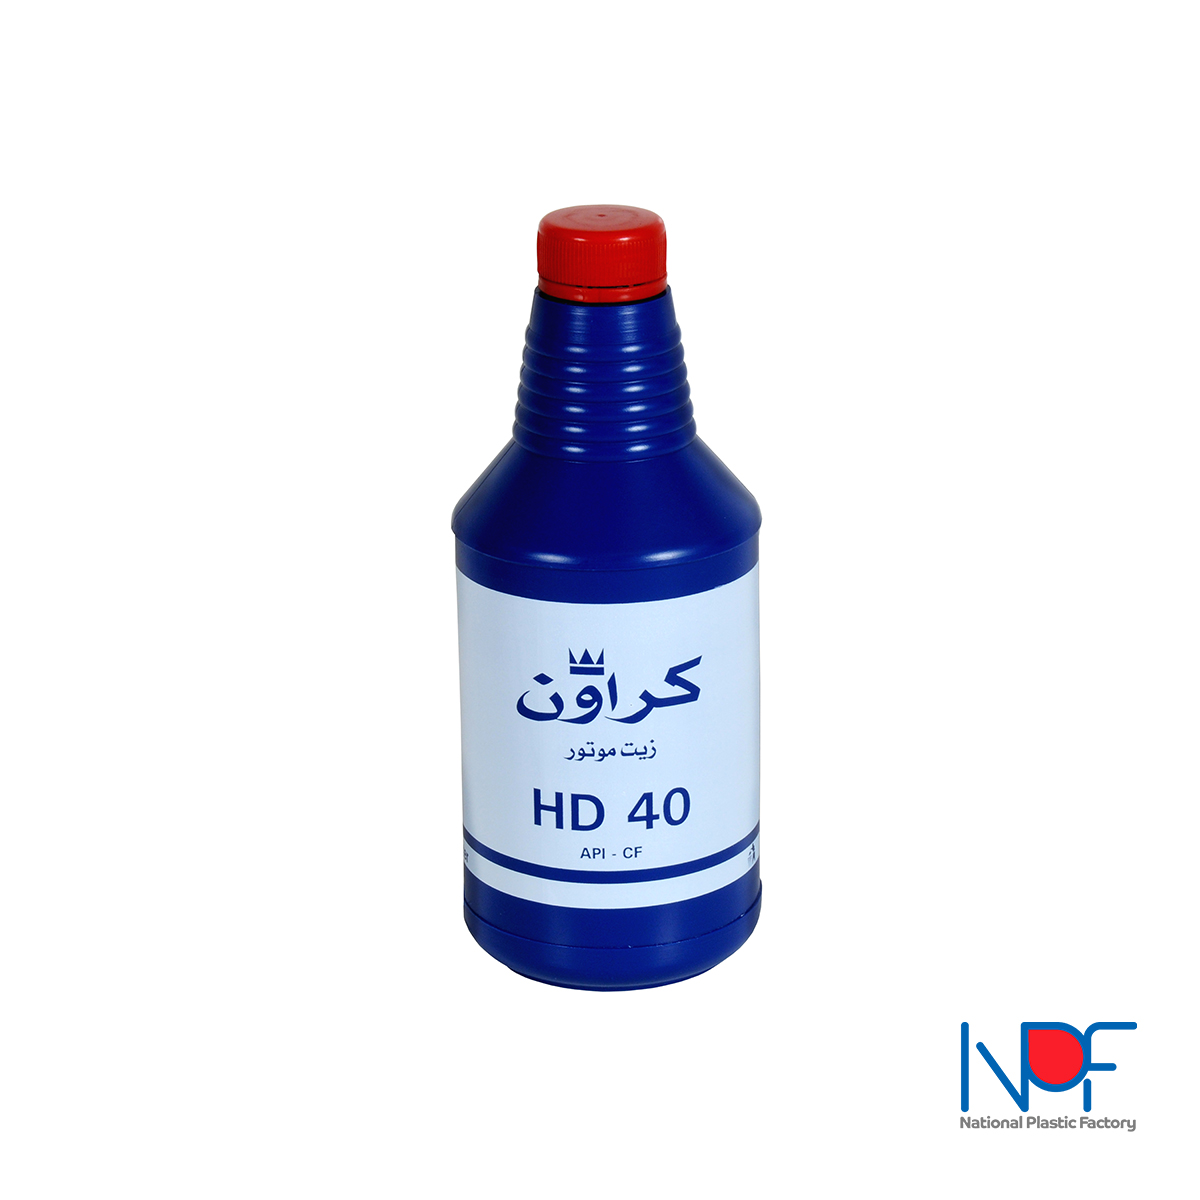 Motor oil bottle 1 liter national plastic factory for Motor oil plastic bottle manufacturer